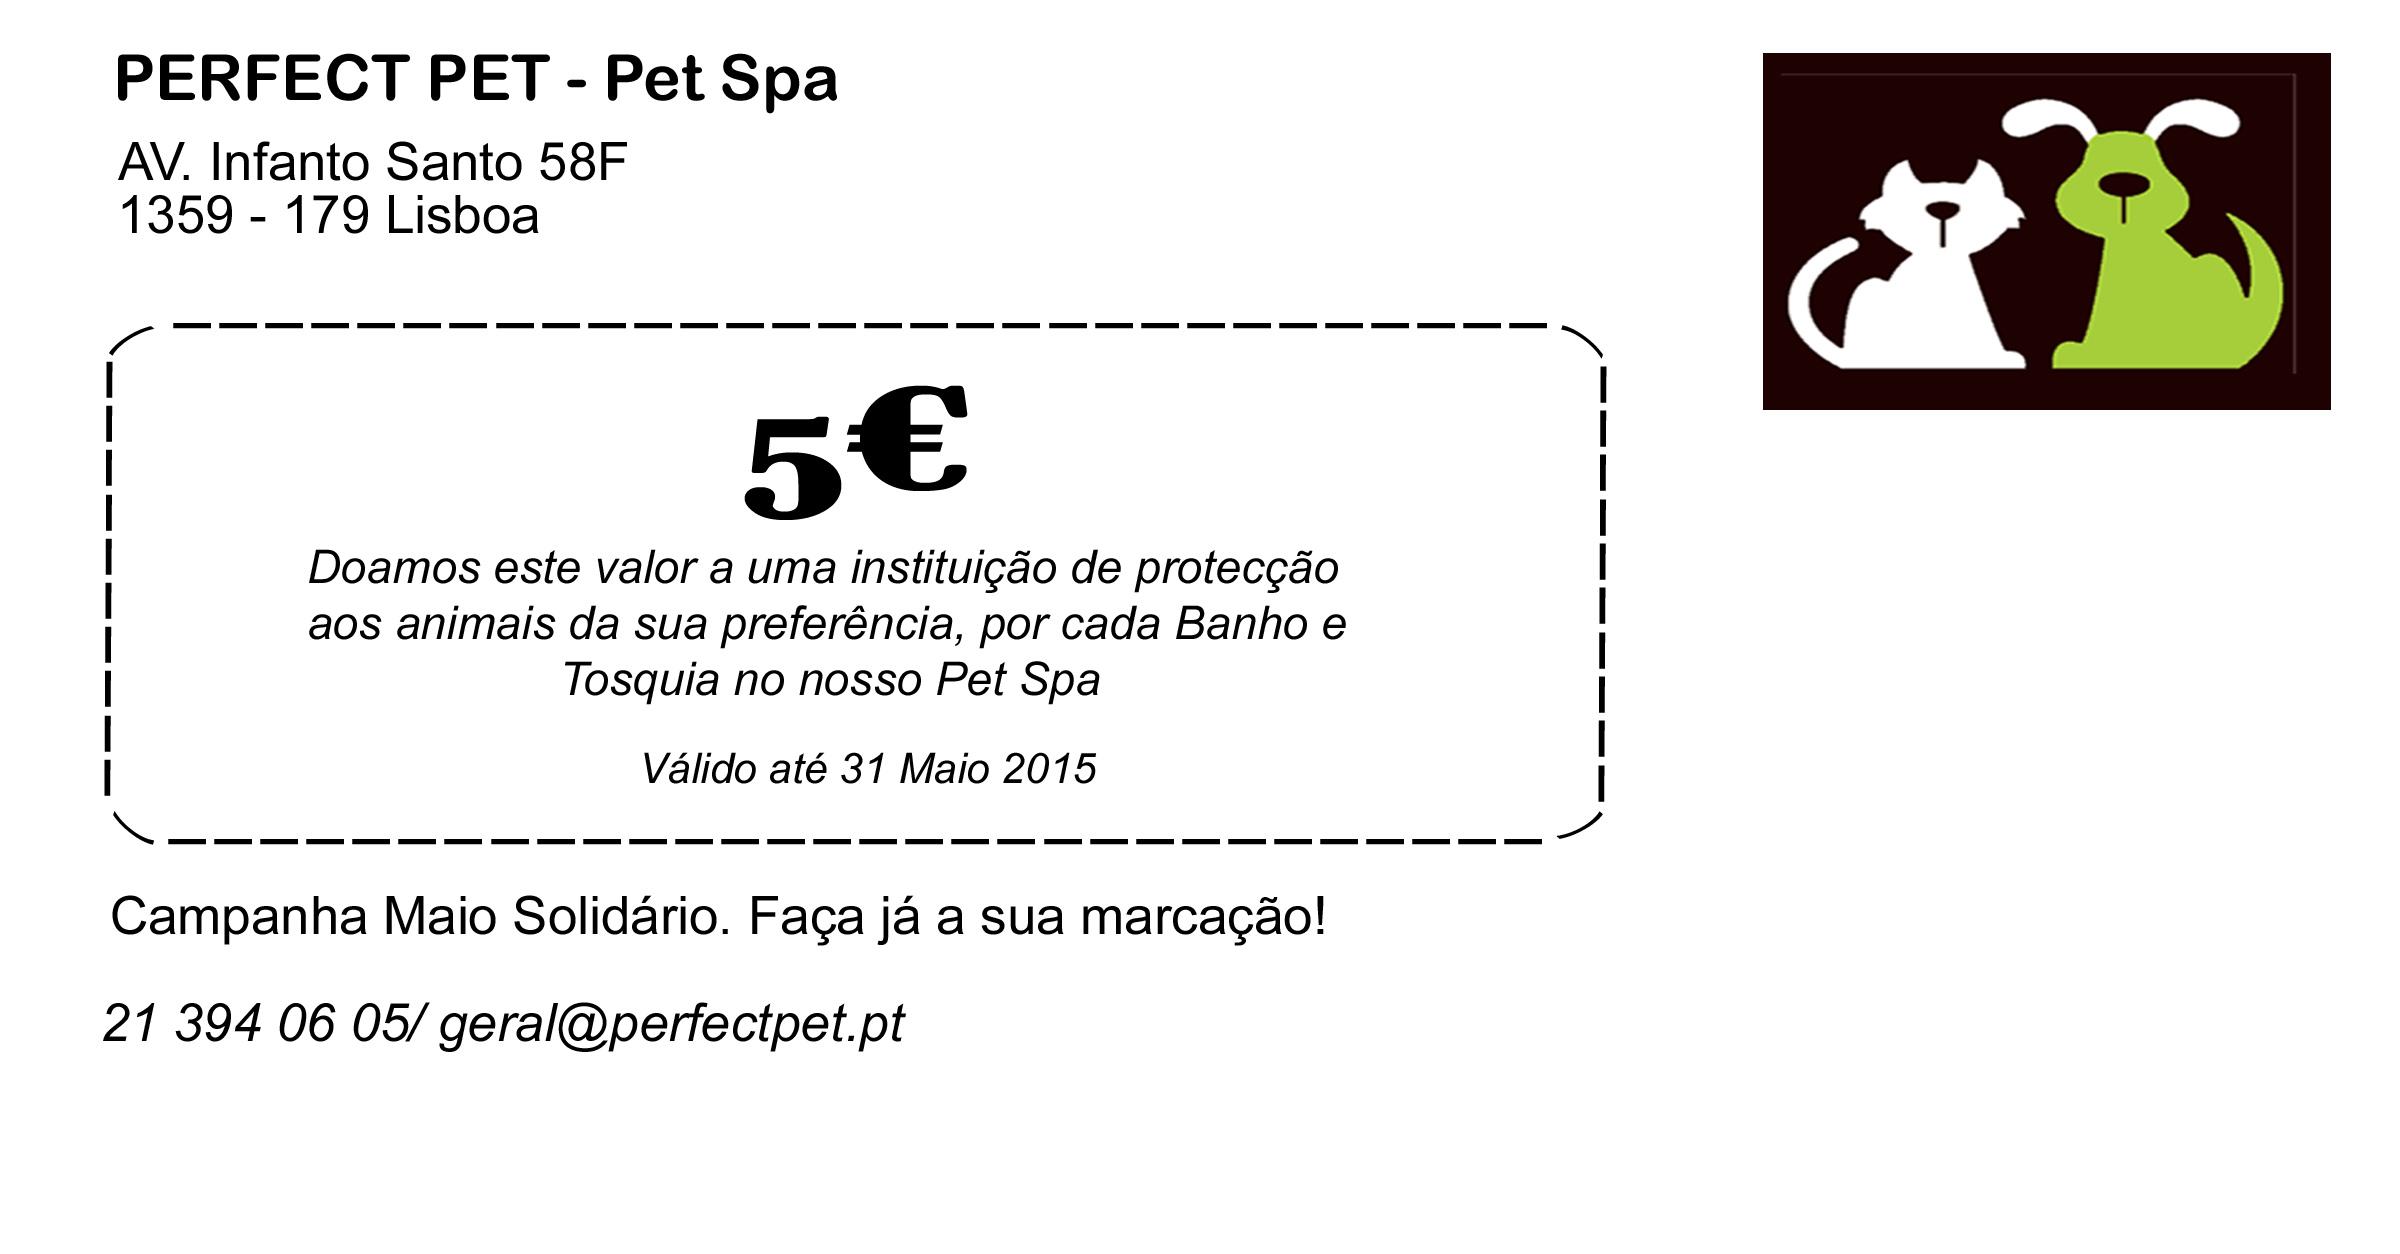 Campanha Maio Solidário Perfect Pet